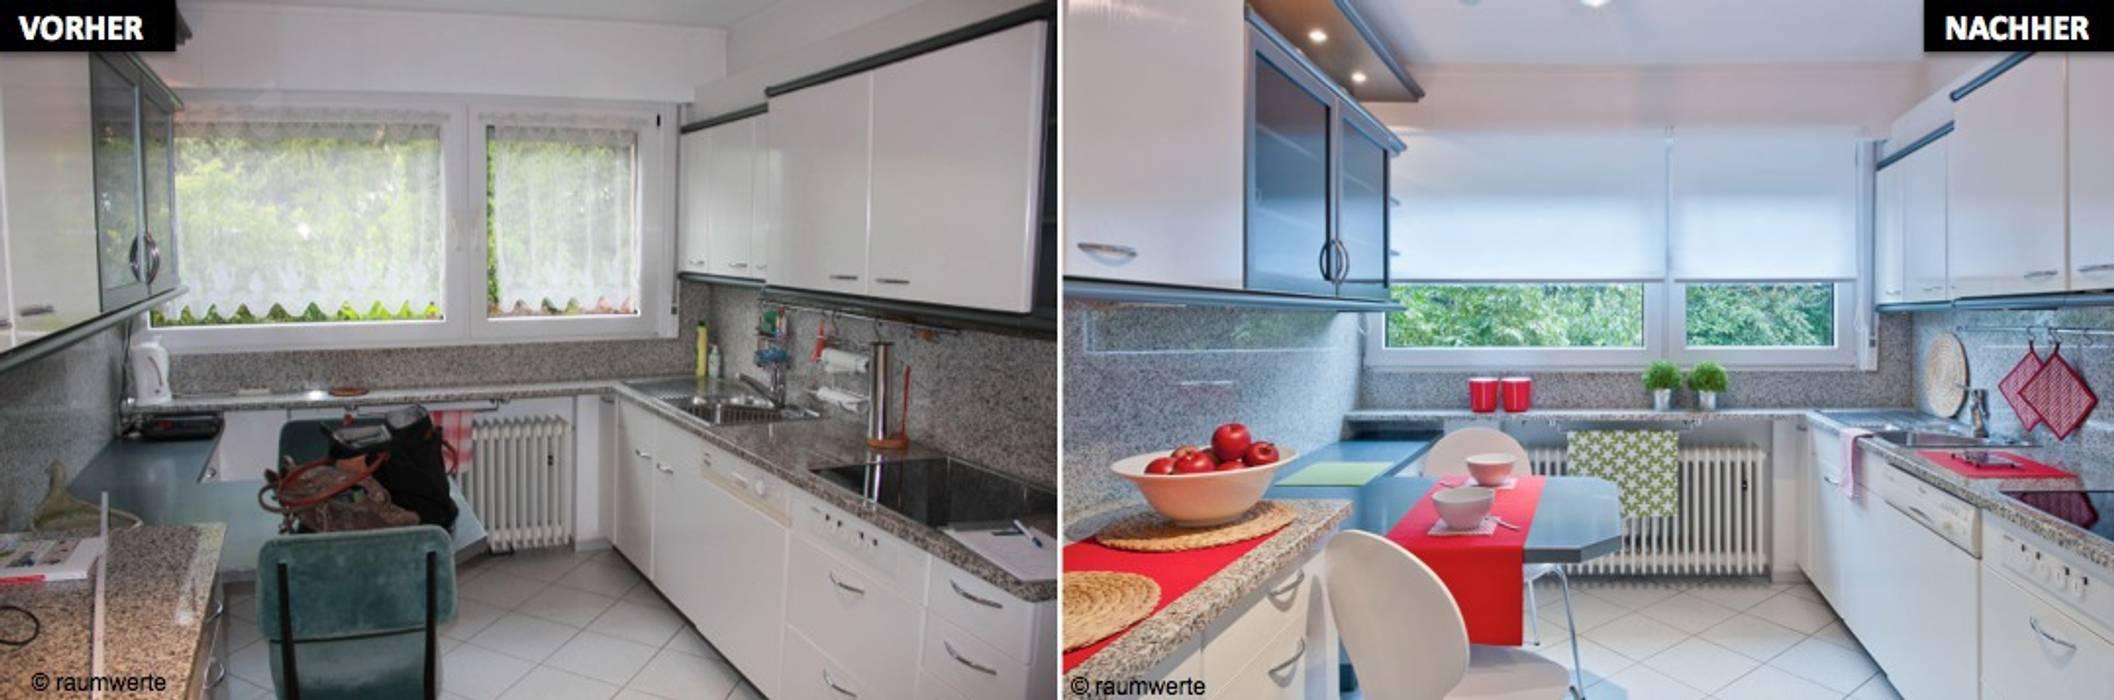 Home Staging Erbimmobilie Siebziger Jahre Küche von raumwerte Home Staging